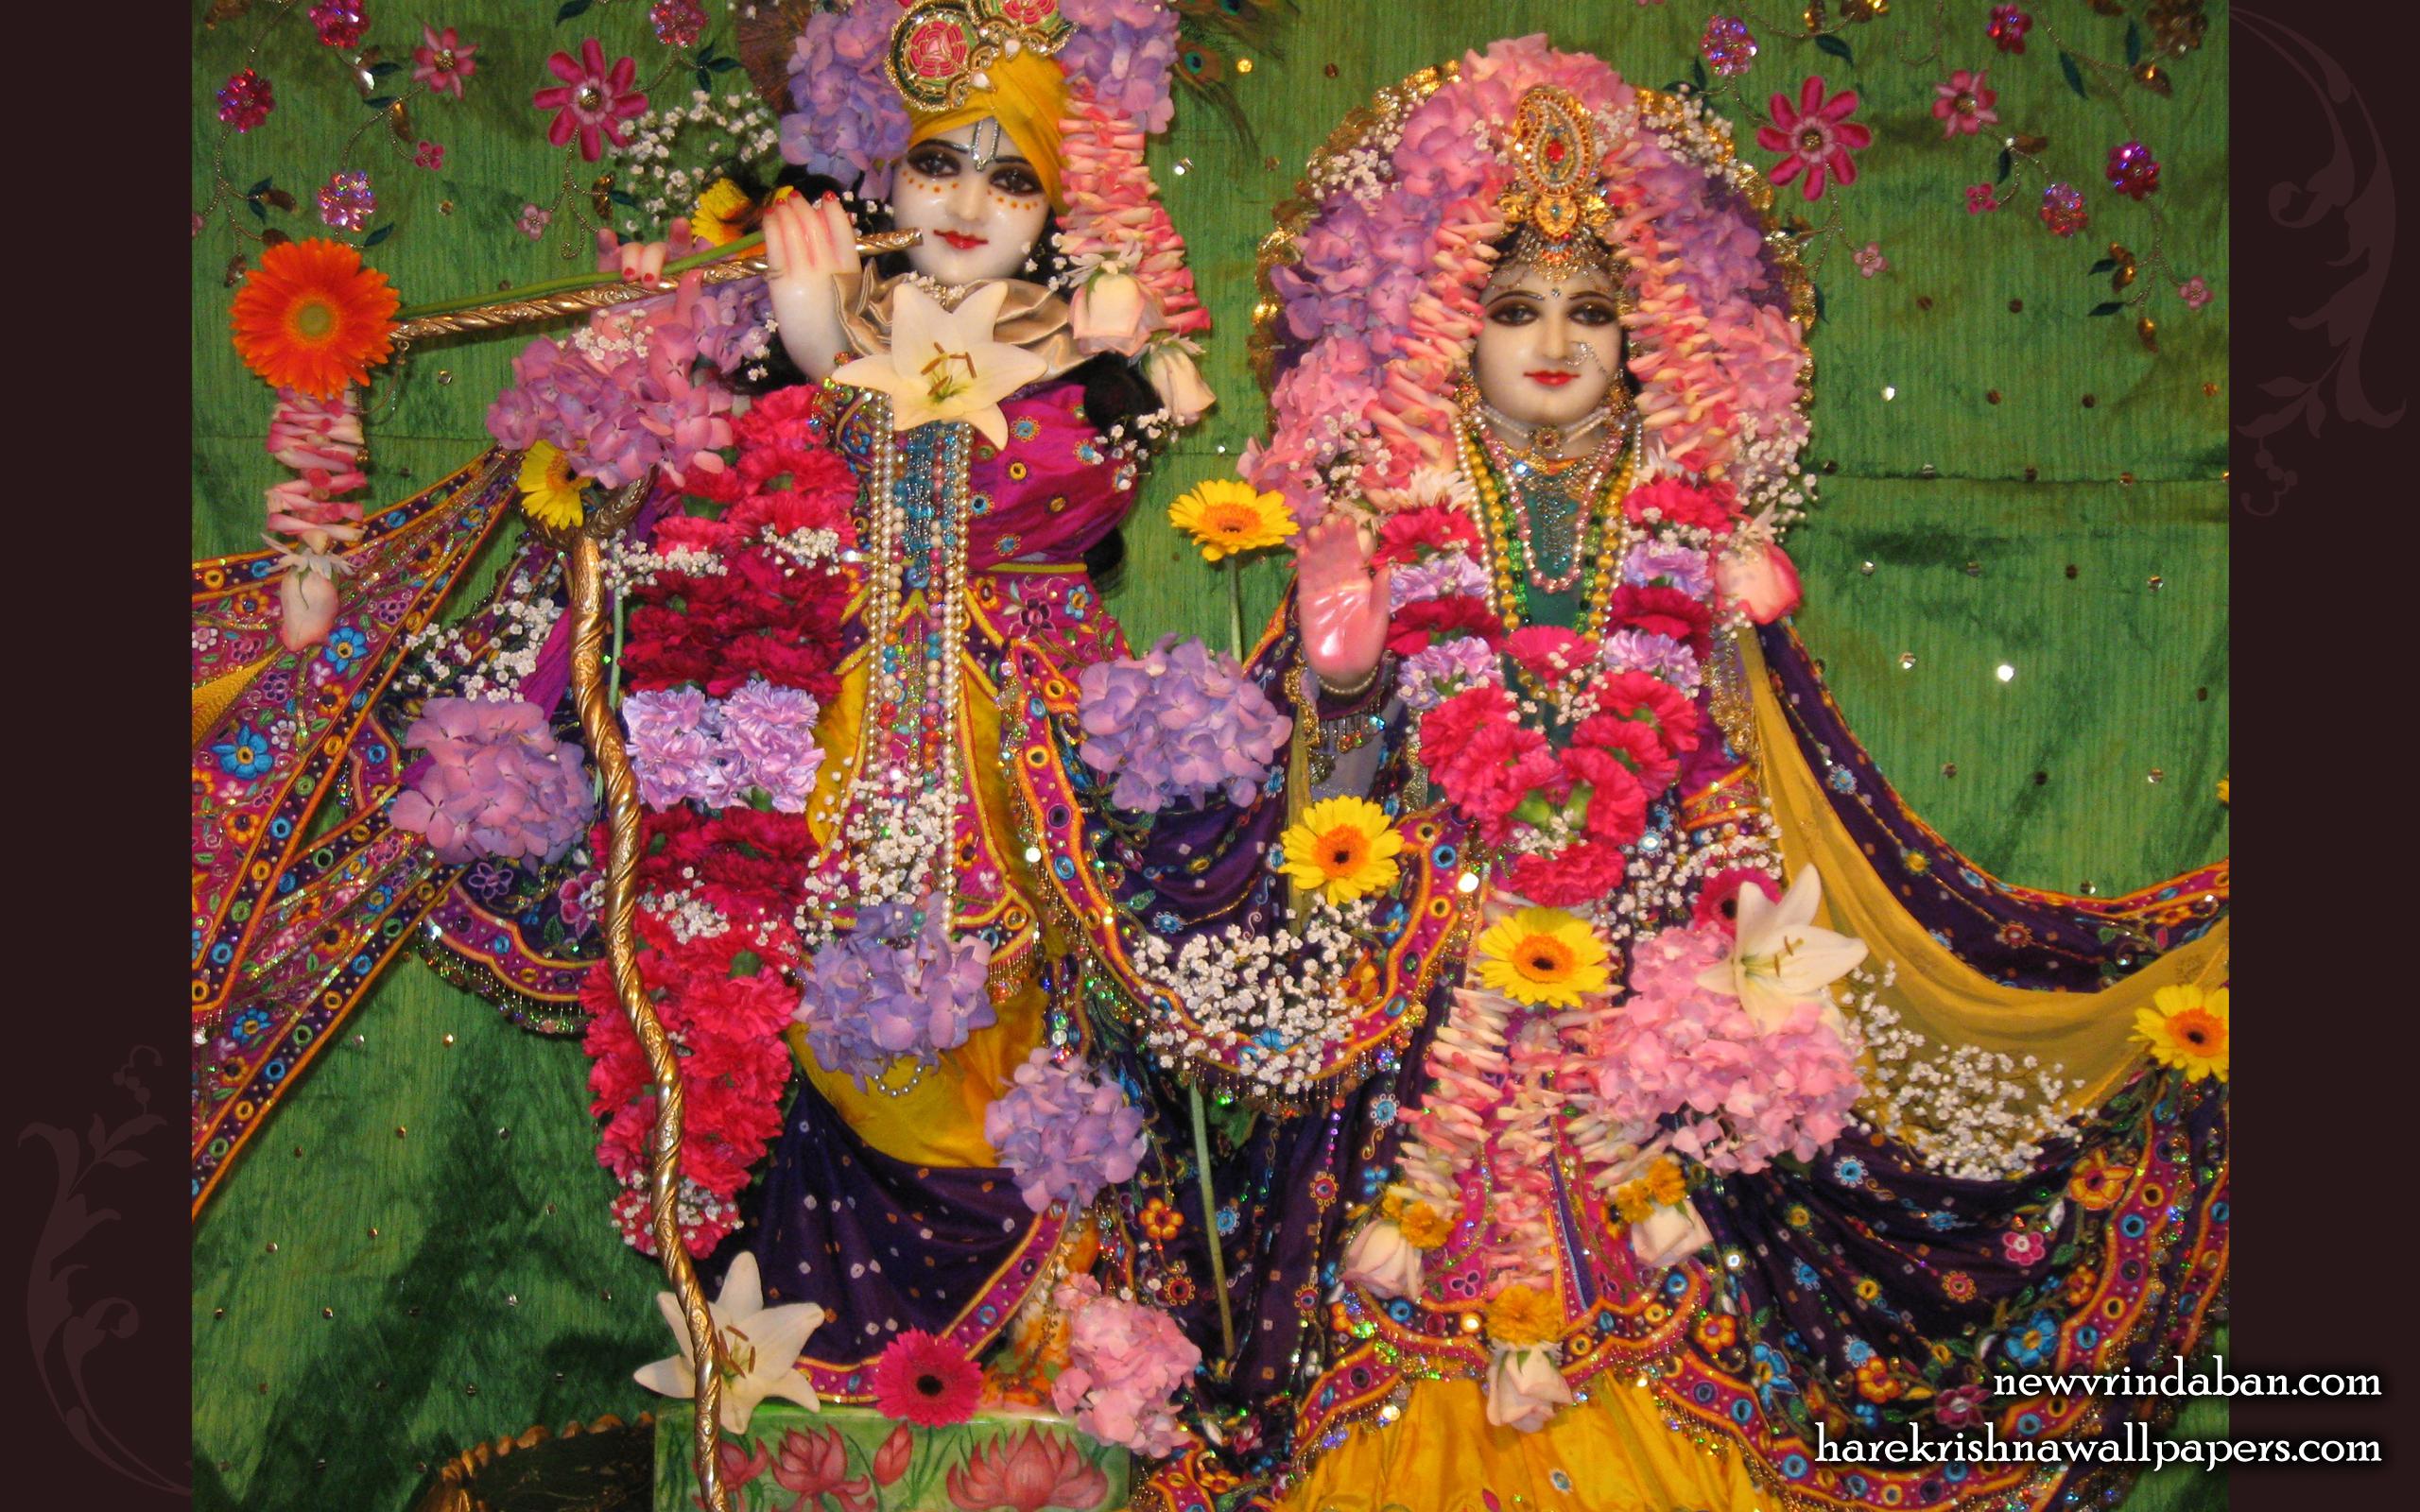 Sri Sri Radha Vrindavana Chandra Wallpaper (004) Size 2560x1600 Download